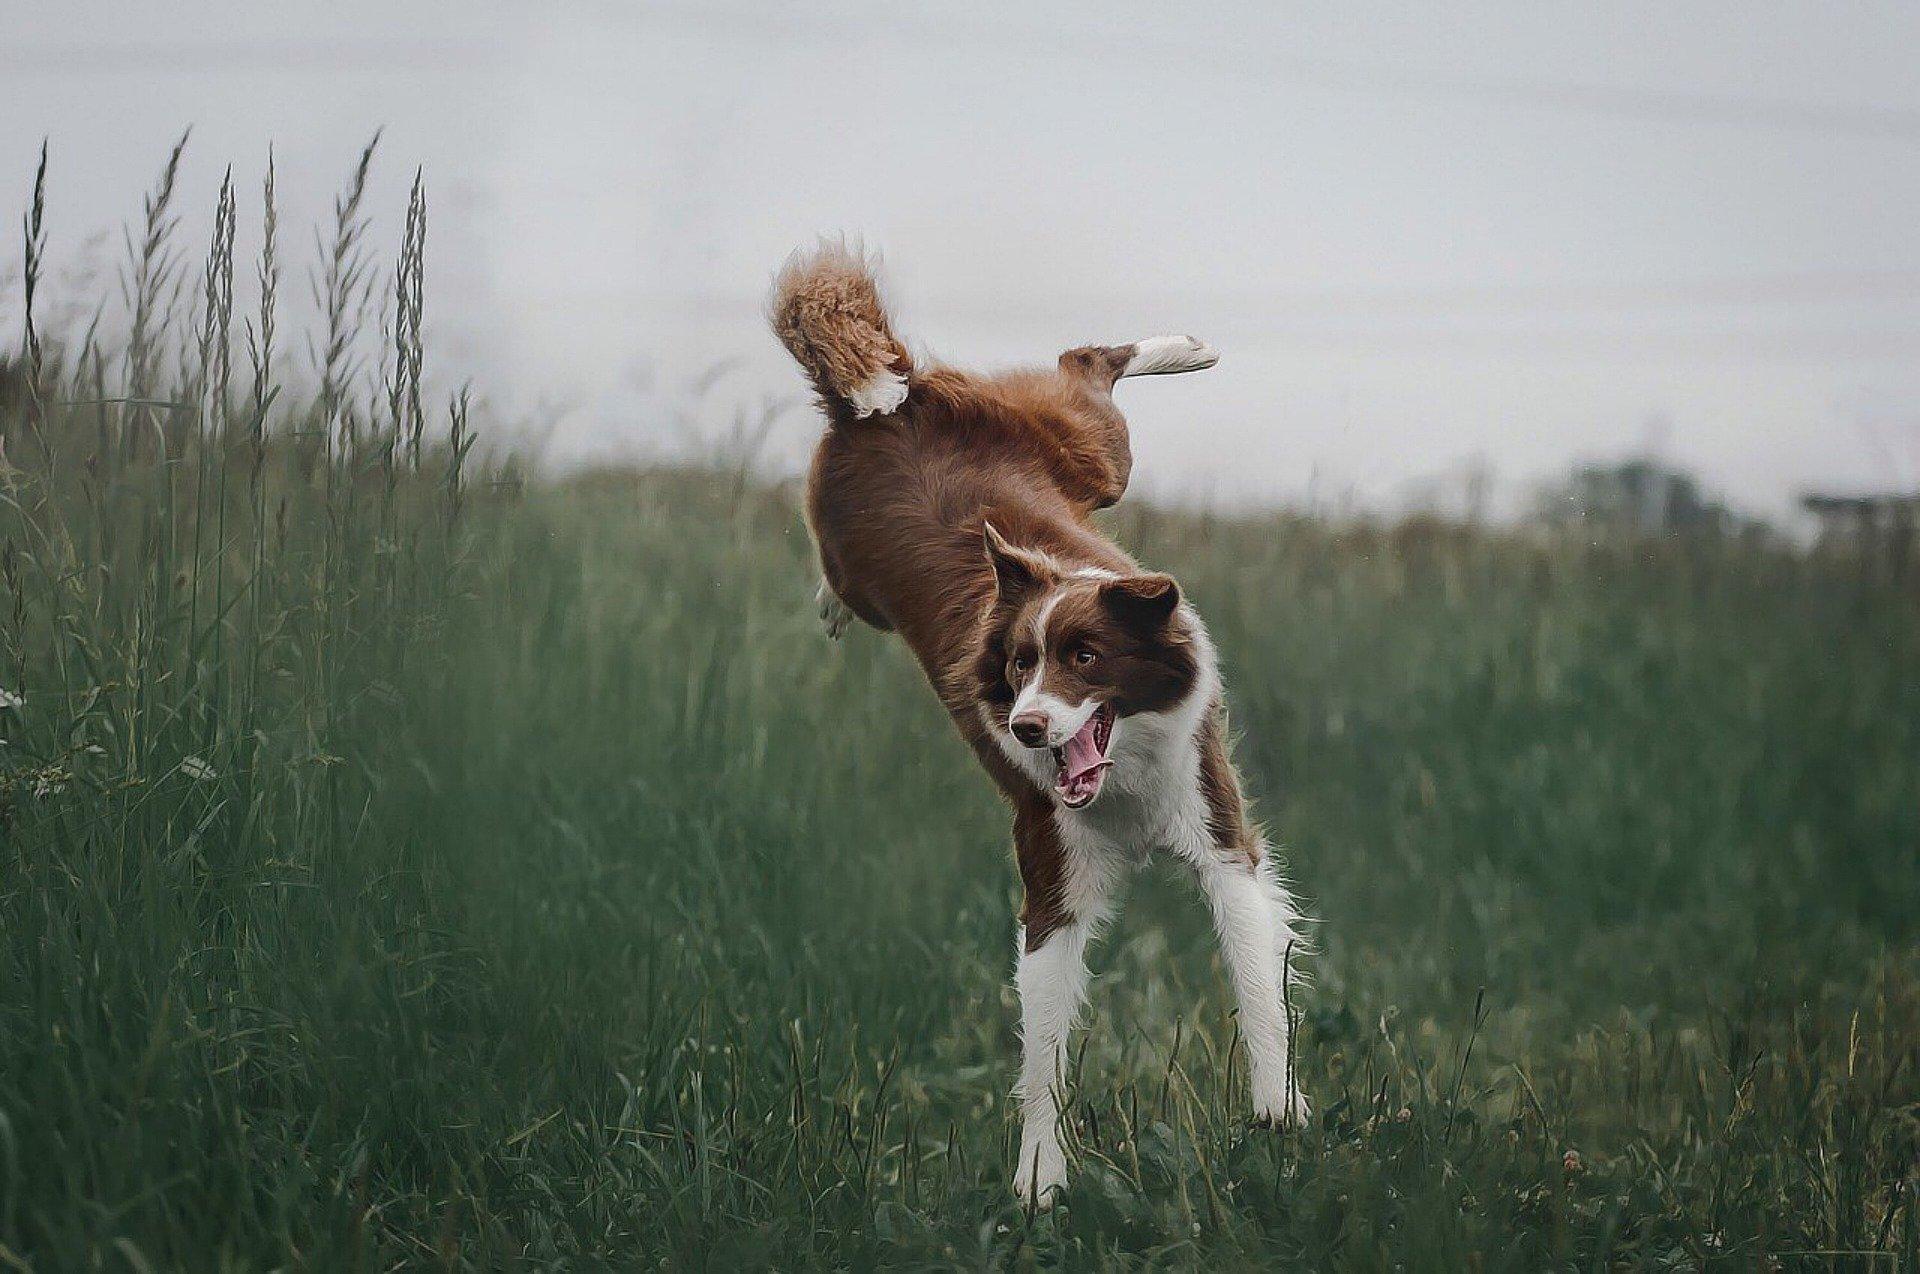 Nie można całkowicie wykluczyć pojawienia się zapalenia stawów u psów, ale można zminimalizować to ryzyko, np. poprzez odpowiednie żywienie i aktywność dostosowana do wieku i możliwości psa.